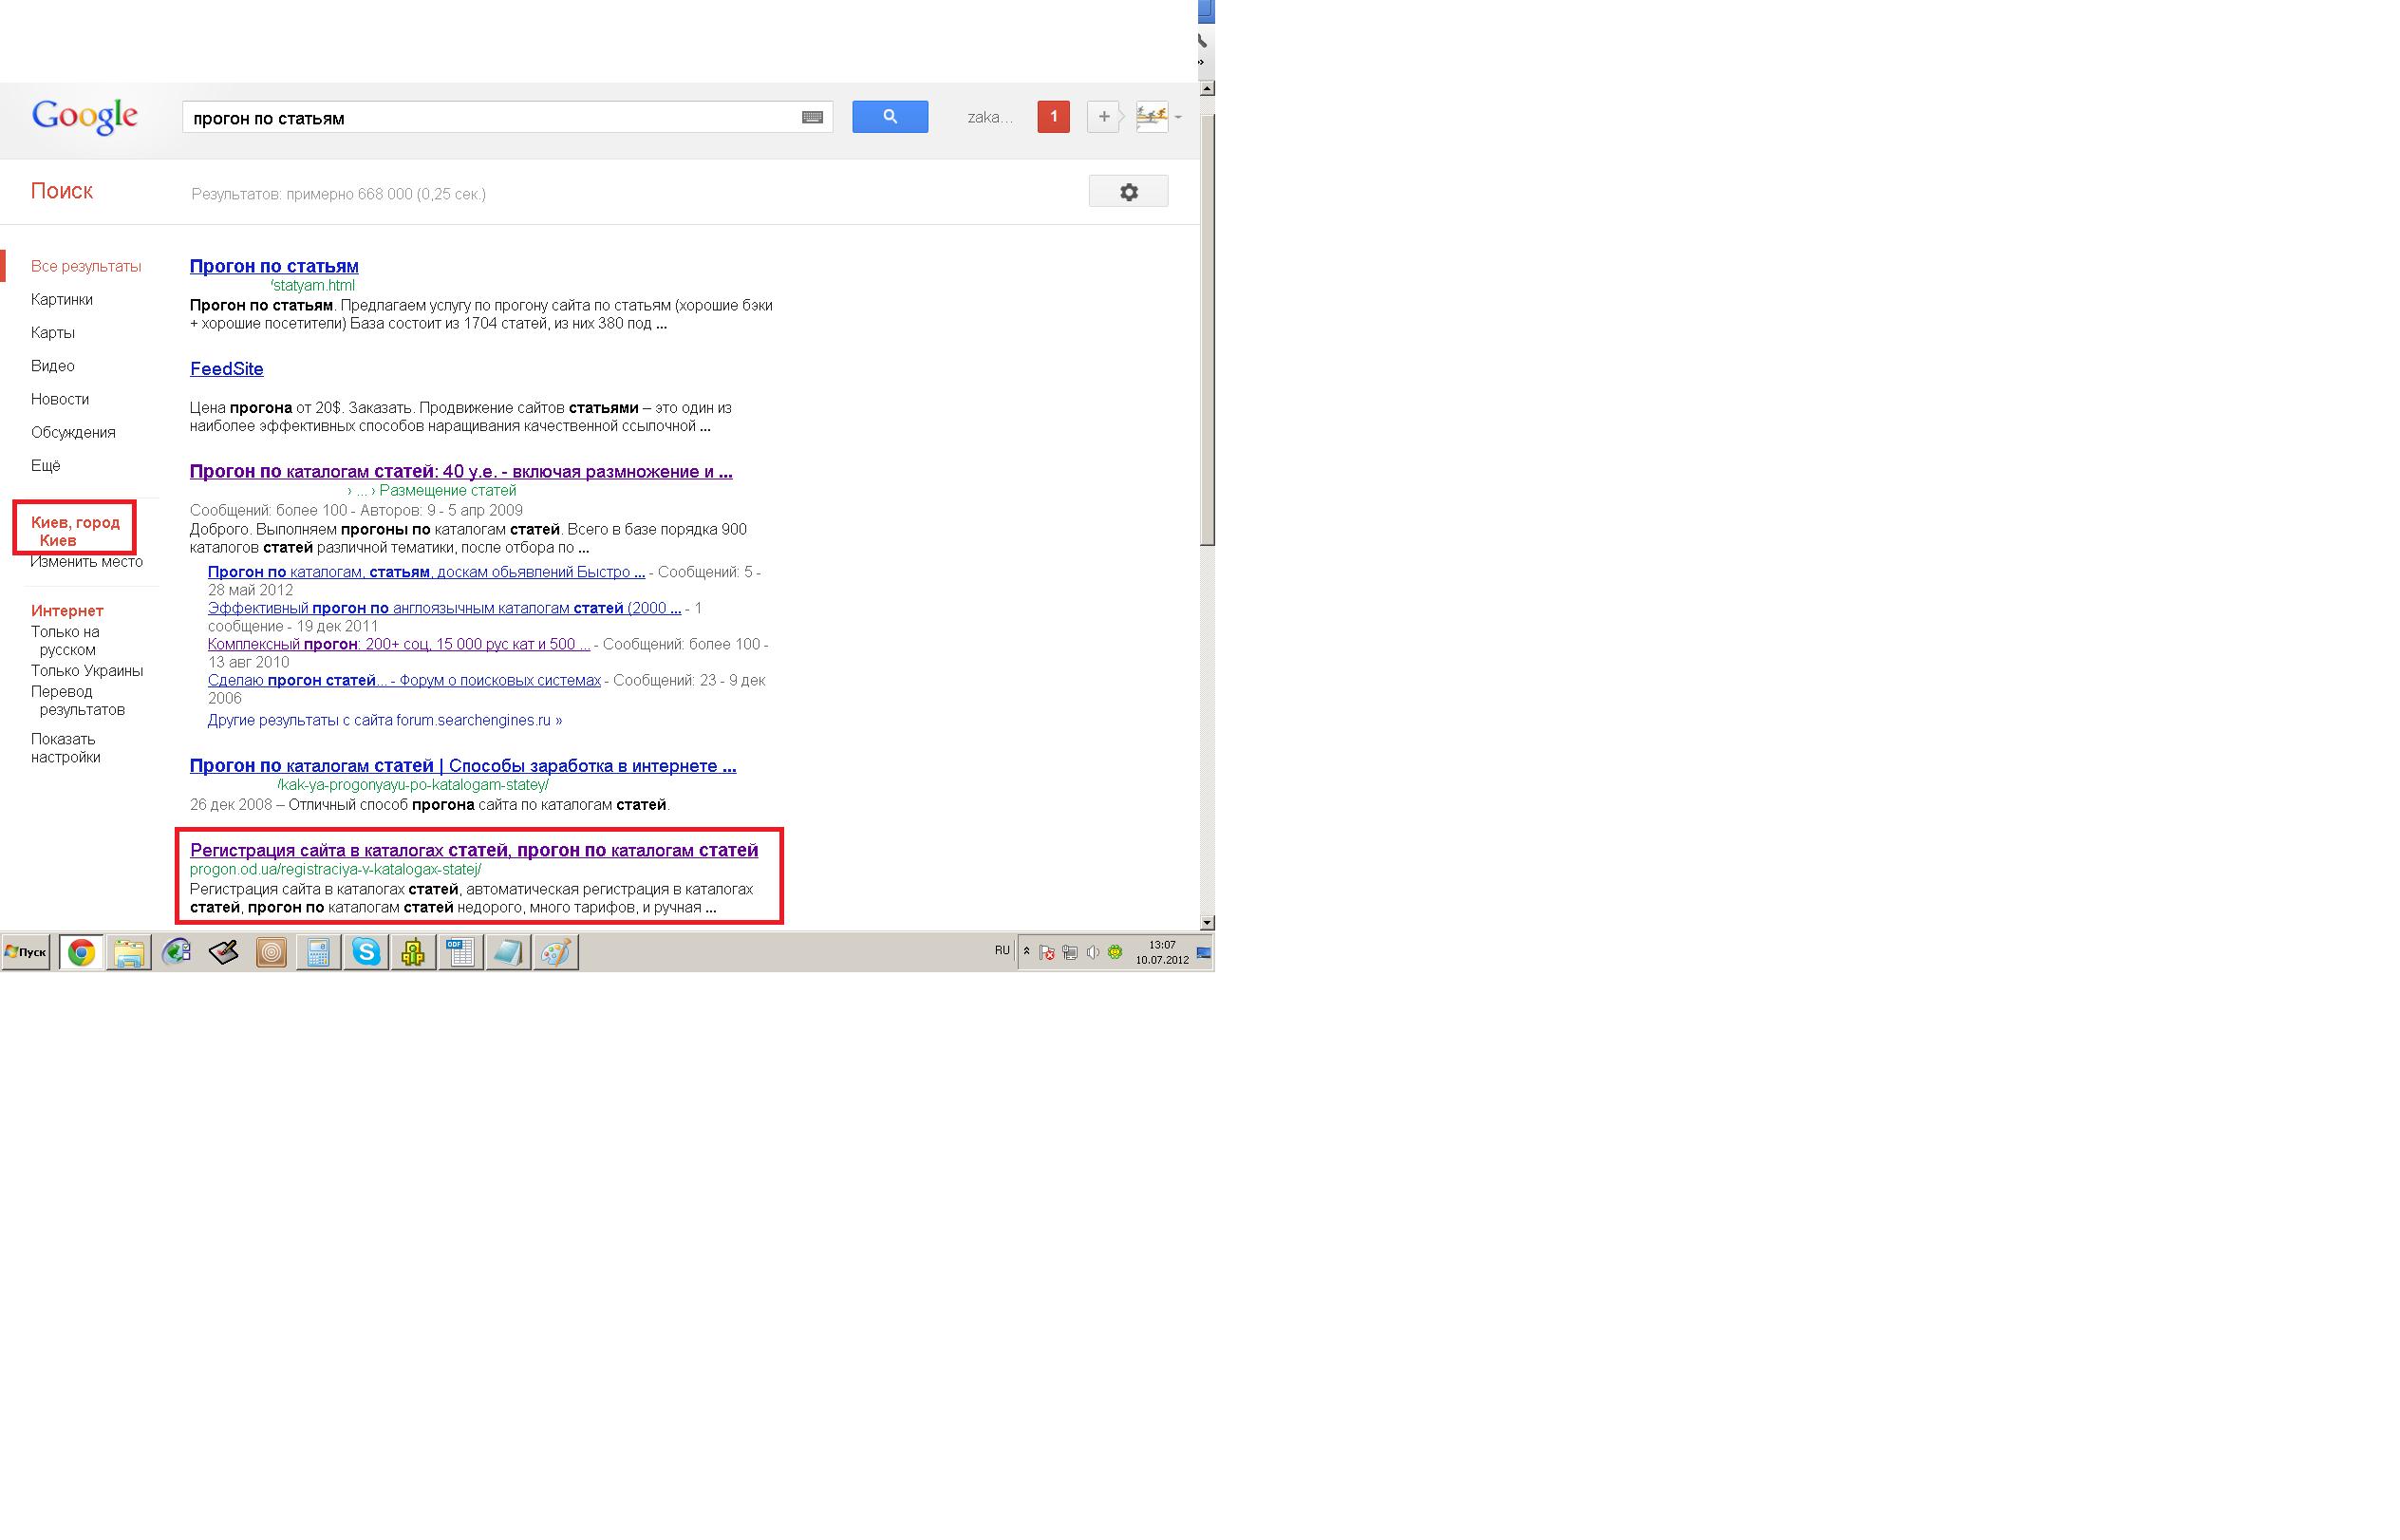 Бесплатный прогон сайта по закладкам сайт hr компаниях